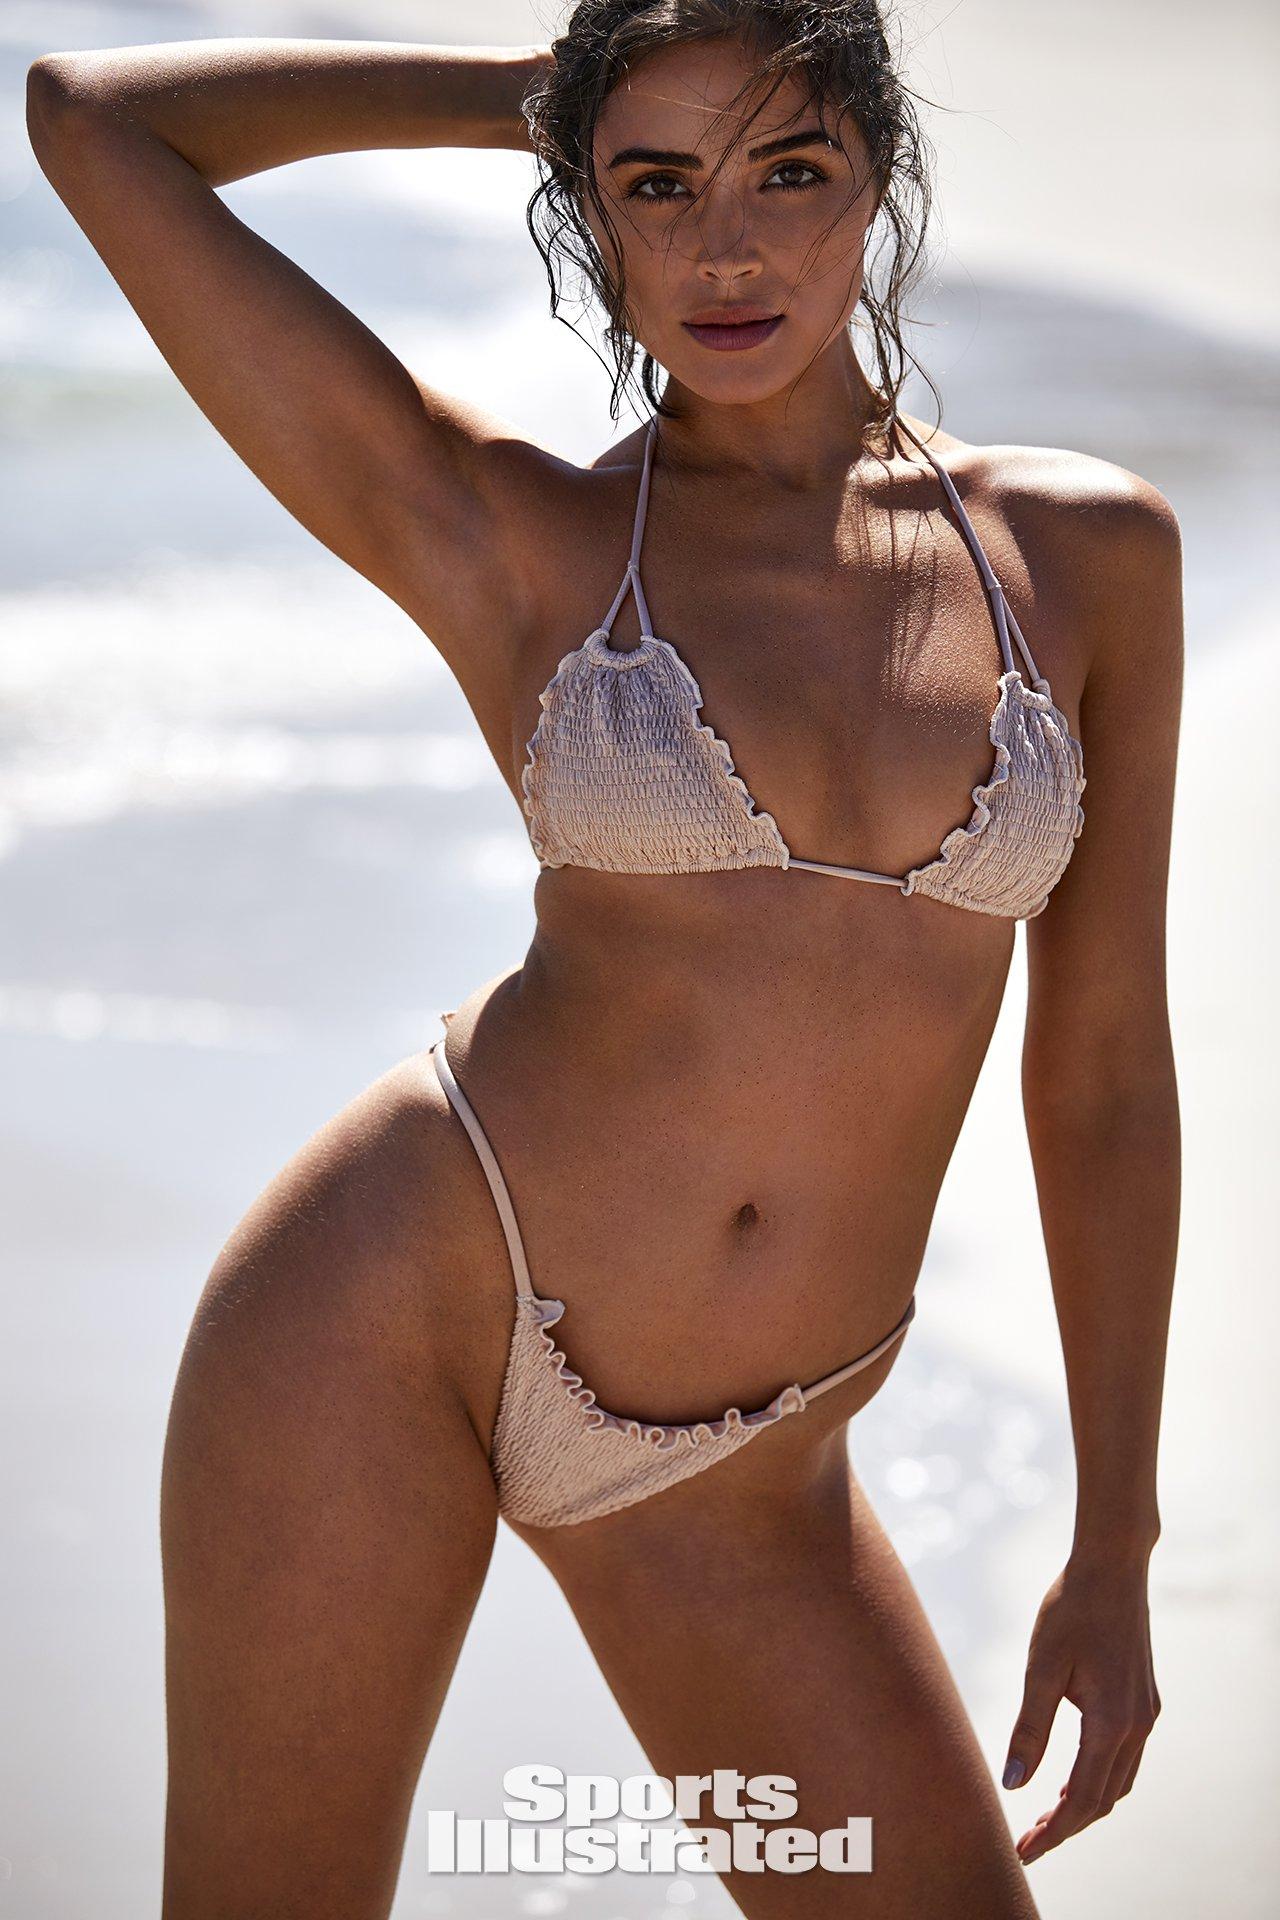 Olivia-Culpo-Hot-Naked-Photoshoot-4.jpg